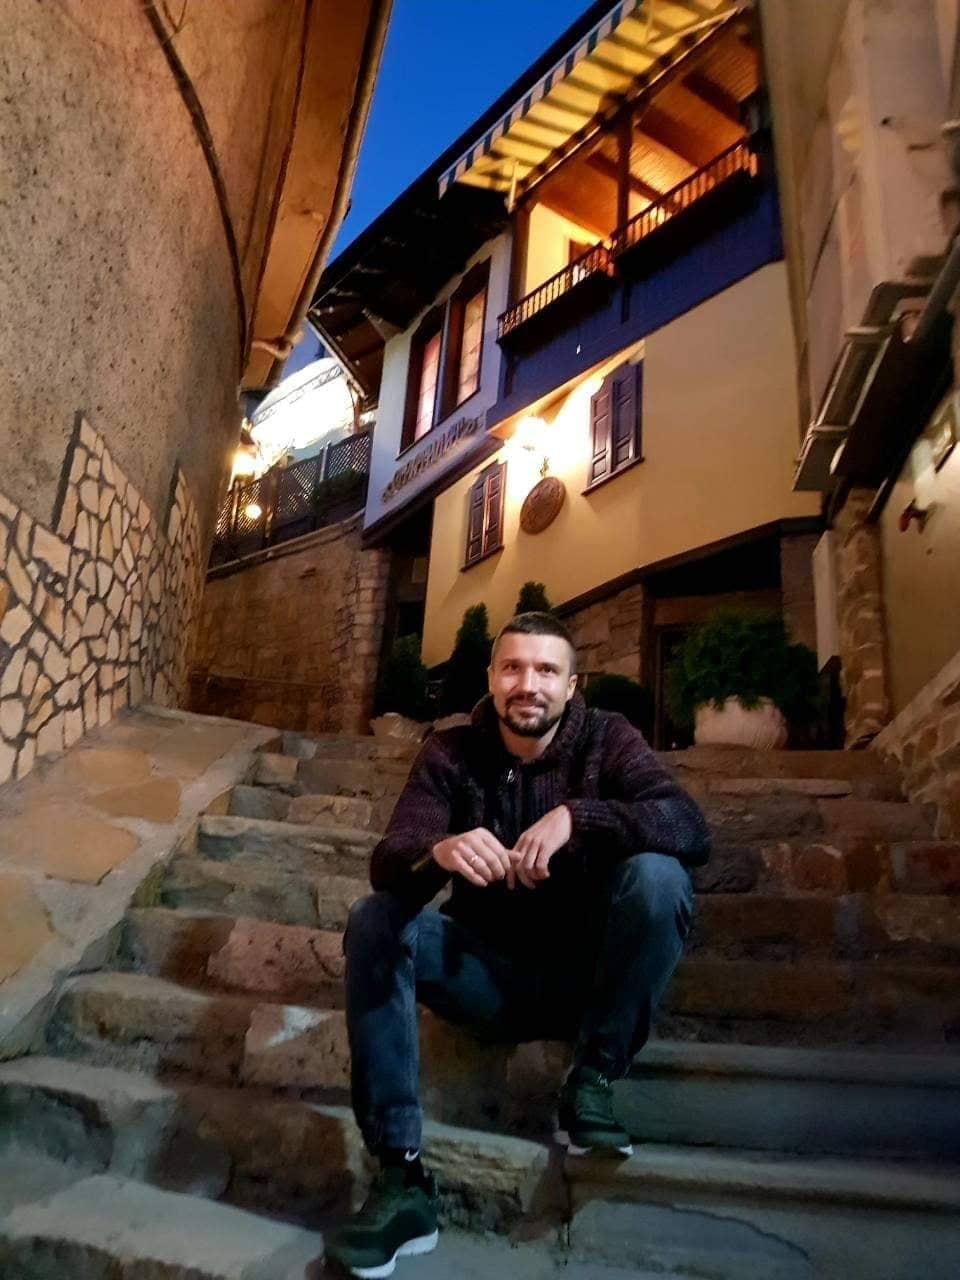 Чи цікавиться молодь політикою: розмова з громадським активістом, героєм Майдану Ігорем Криворучком